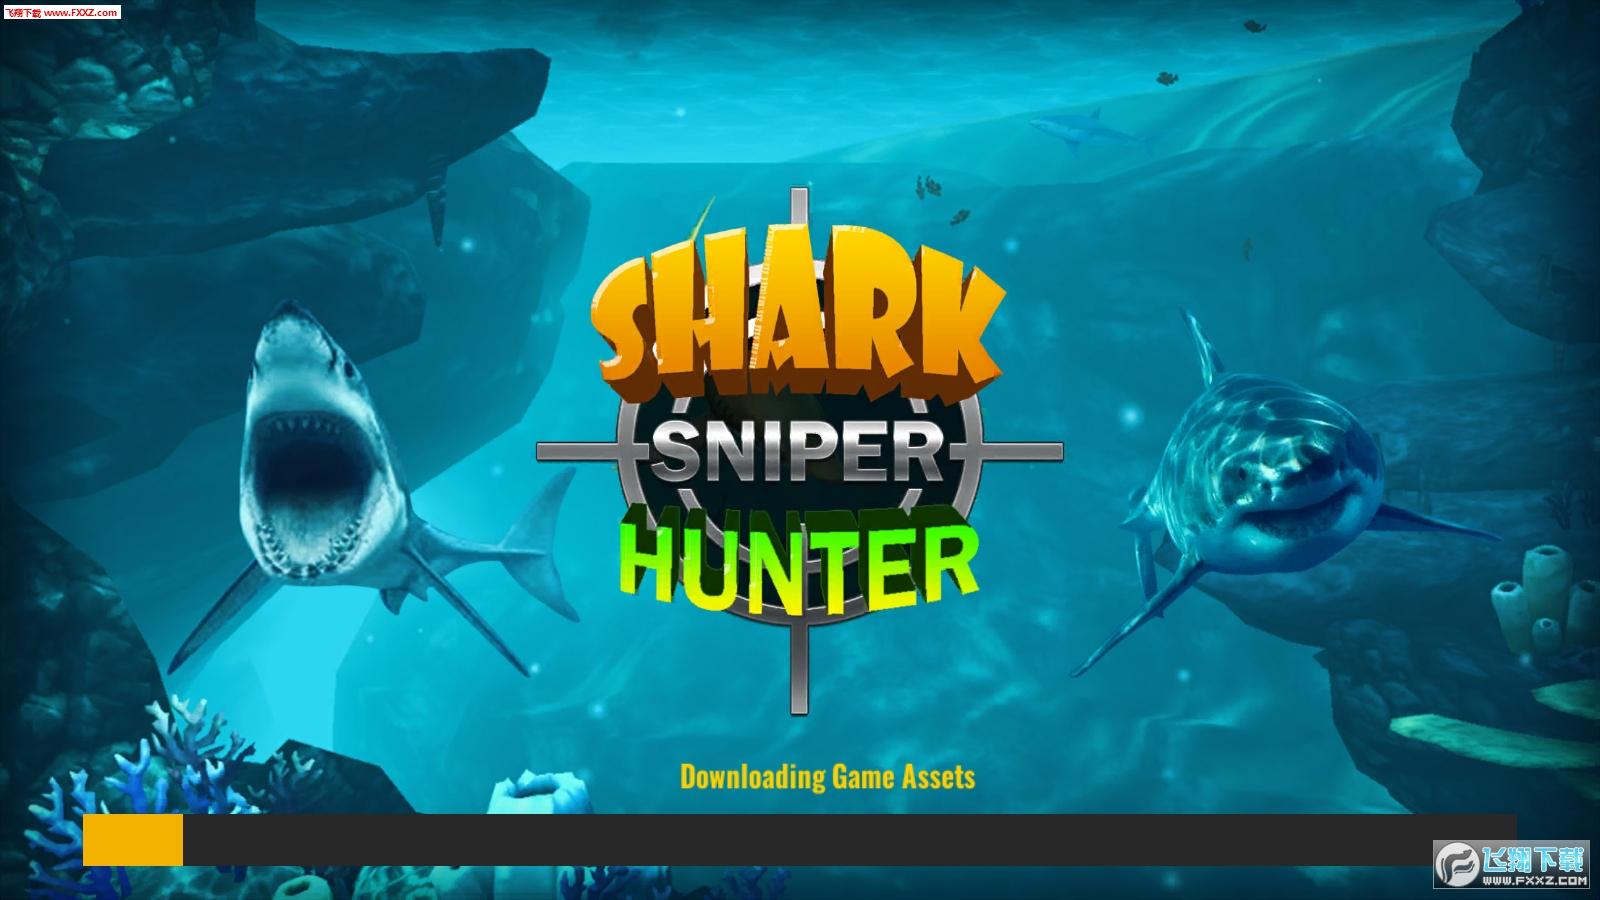 水下鲨鱼狙击猎人手游截图0